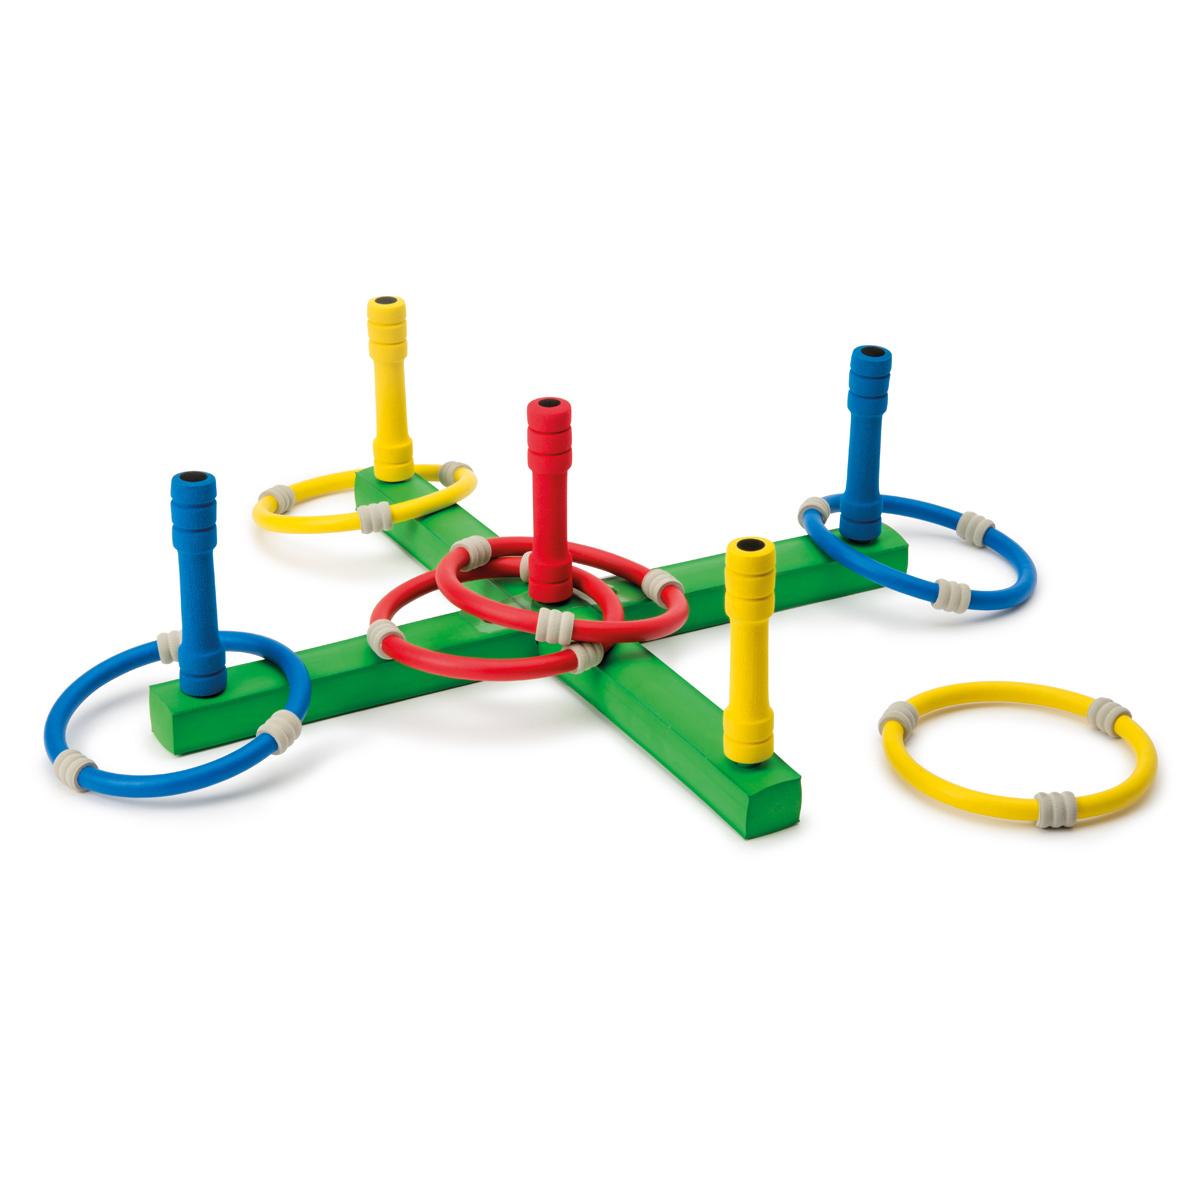 Anneaux En Mousse à Jeux Pour Un Enfant De 3 Ans